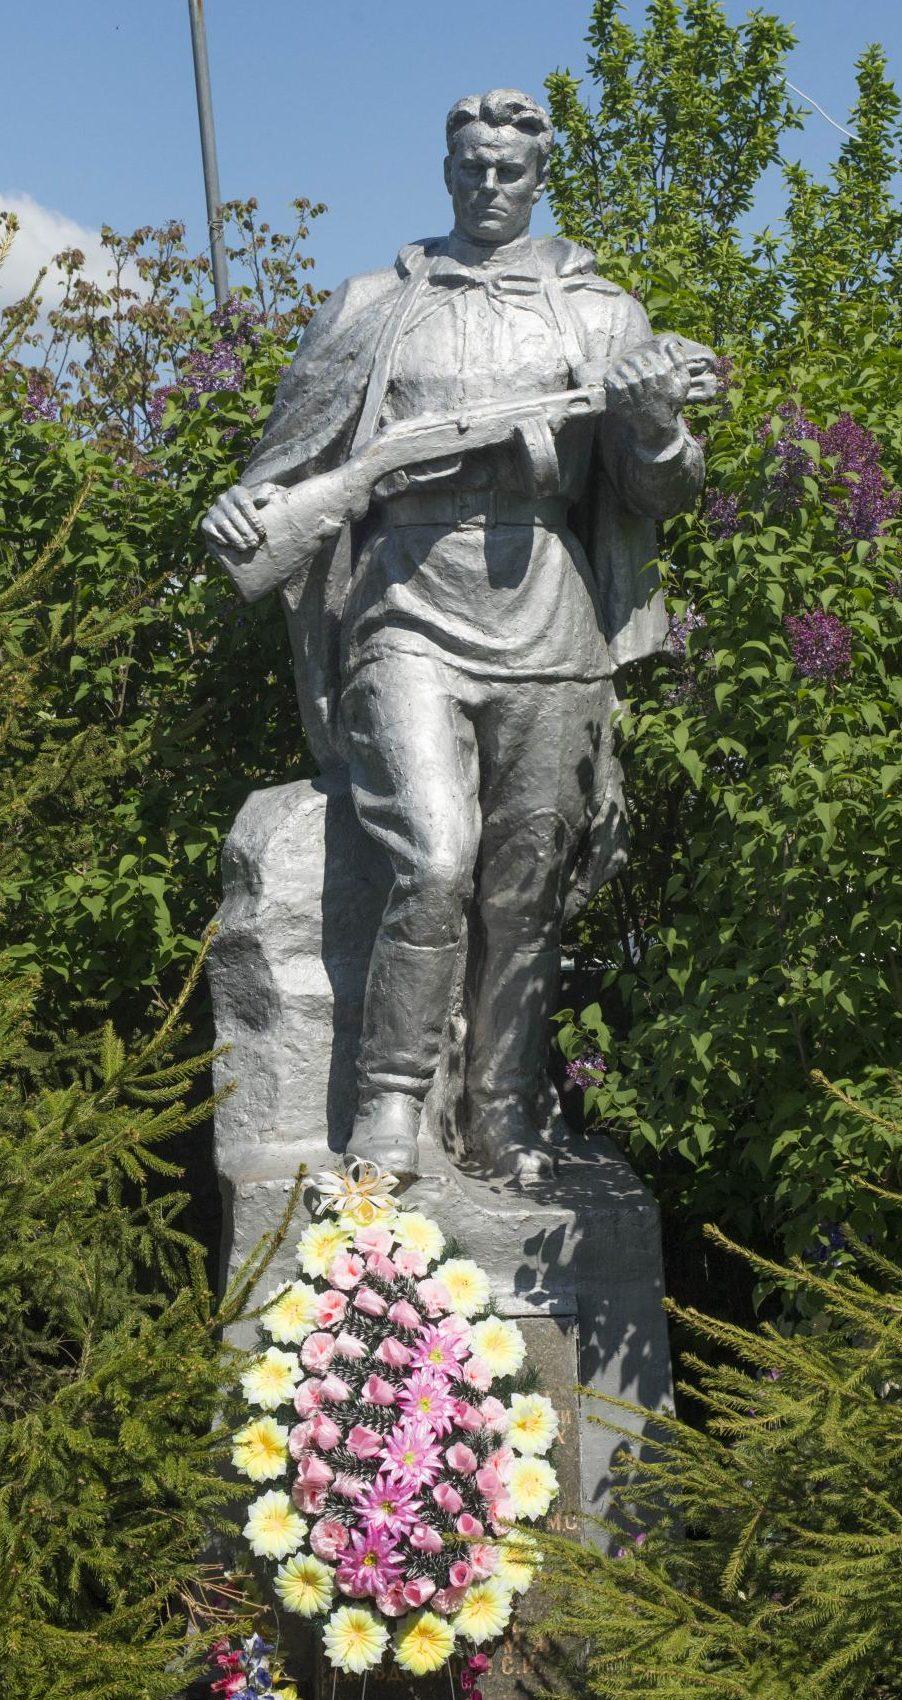 с. Вороньковка Вышгородского р-на. Памятник на братской могиле, в которой похоронено 47 воинов, из них 12 неизвестных.